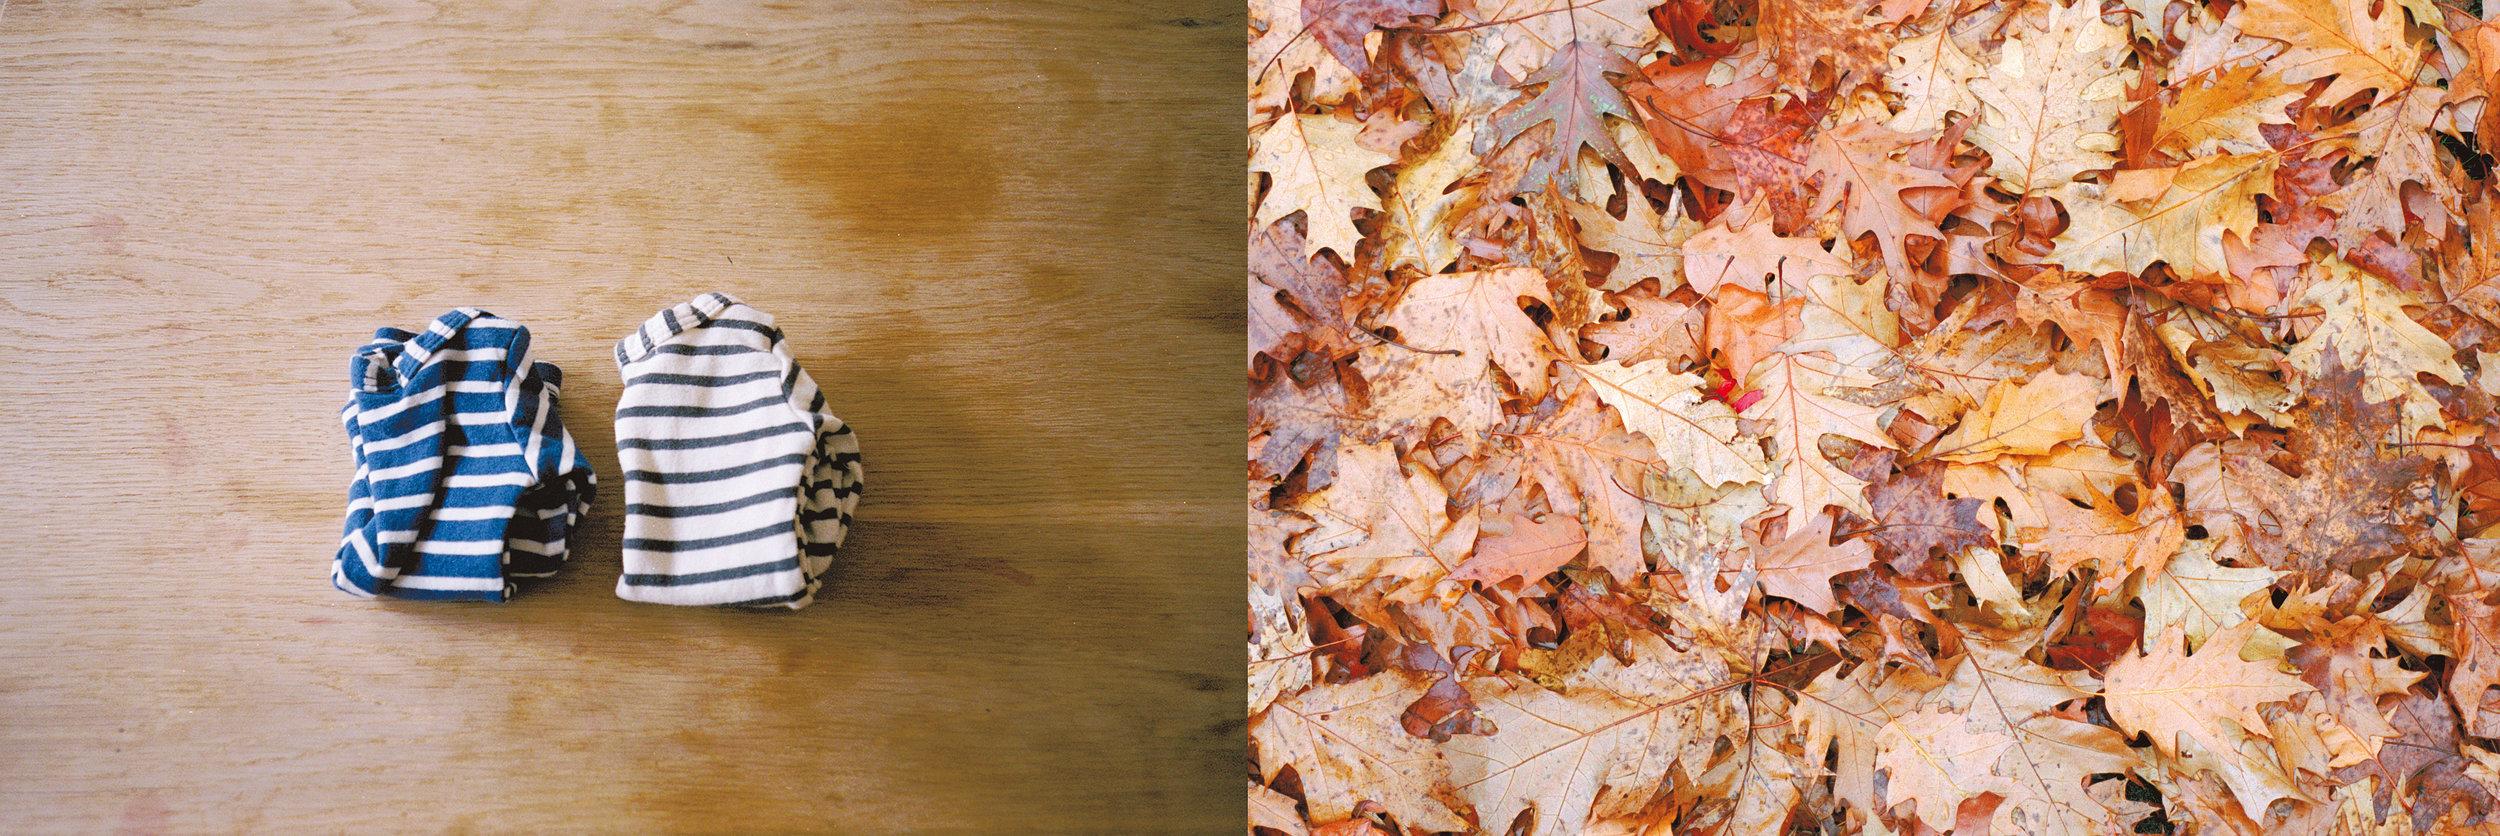 November diptych